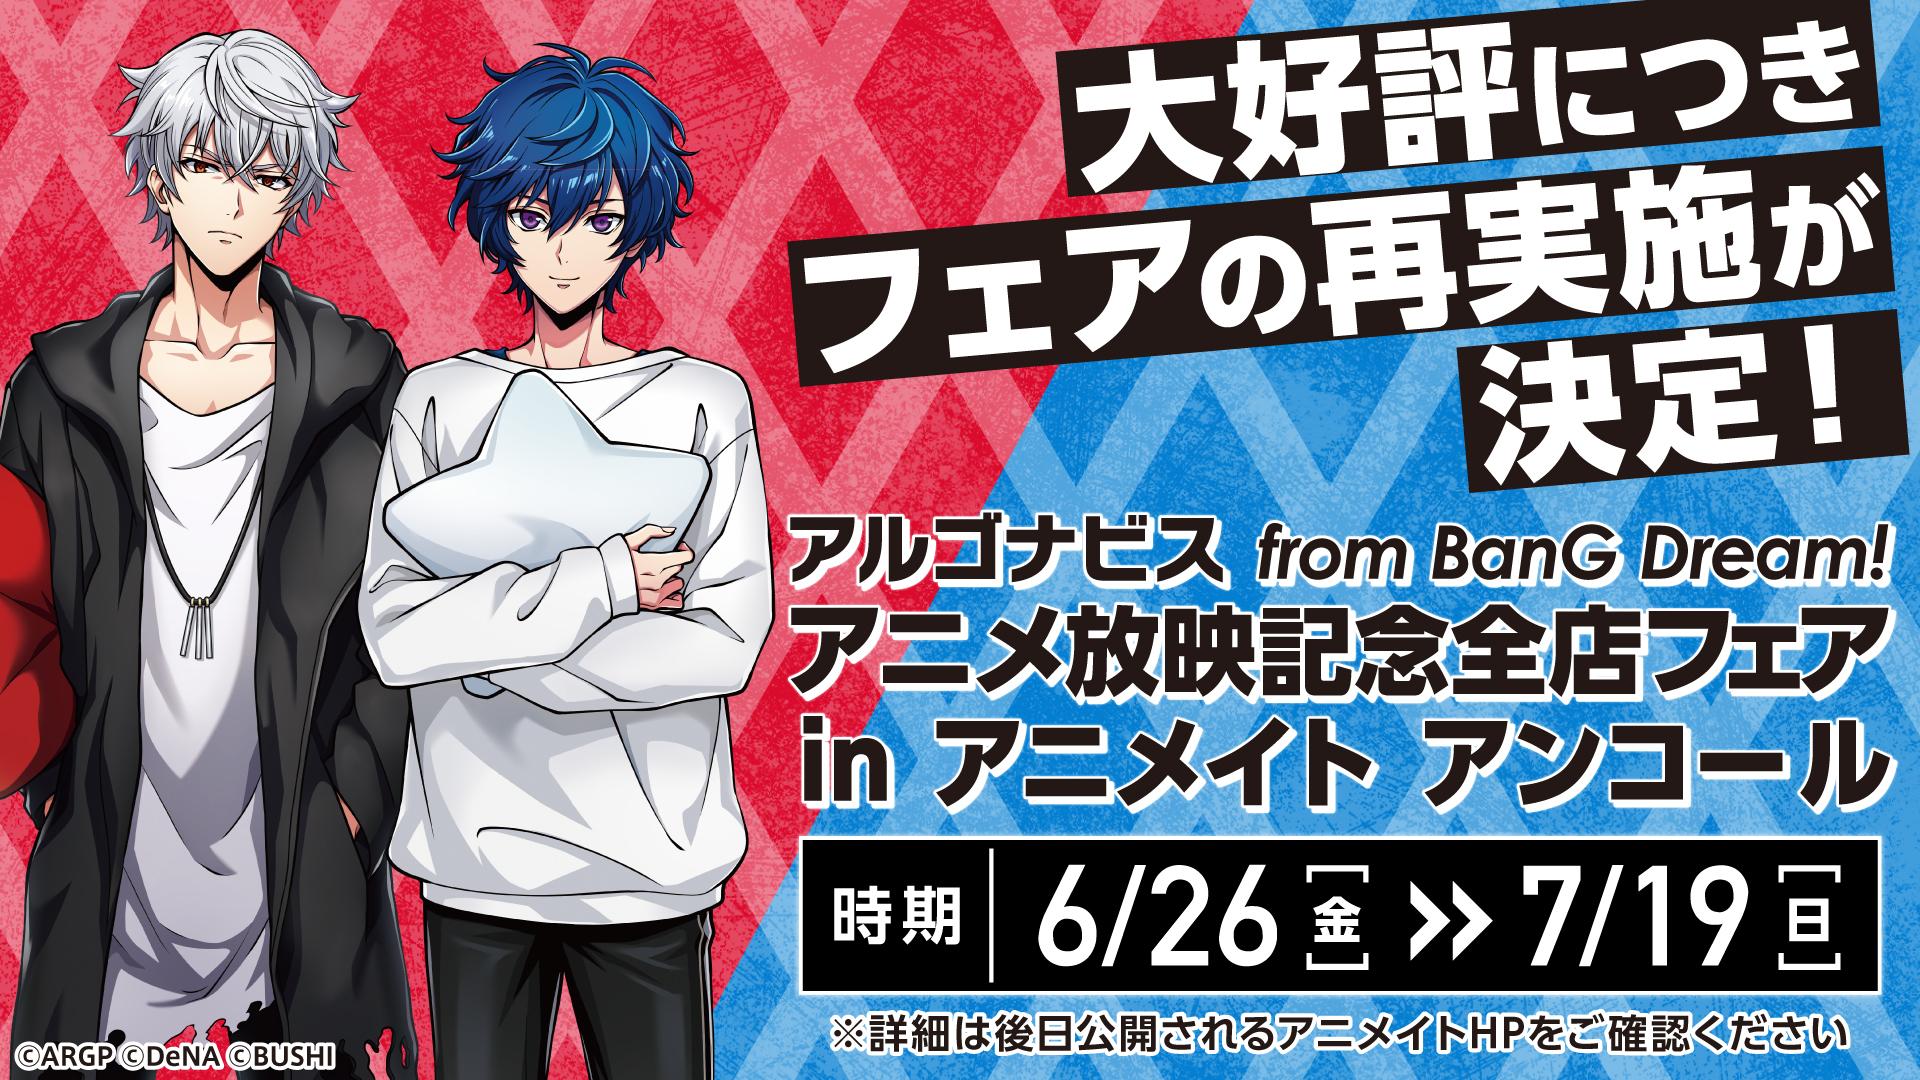 アルゴナビス from BanG Dream! アニメ放映記念全店フェア inアニメイト アンコール